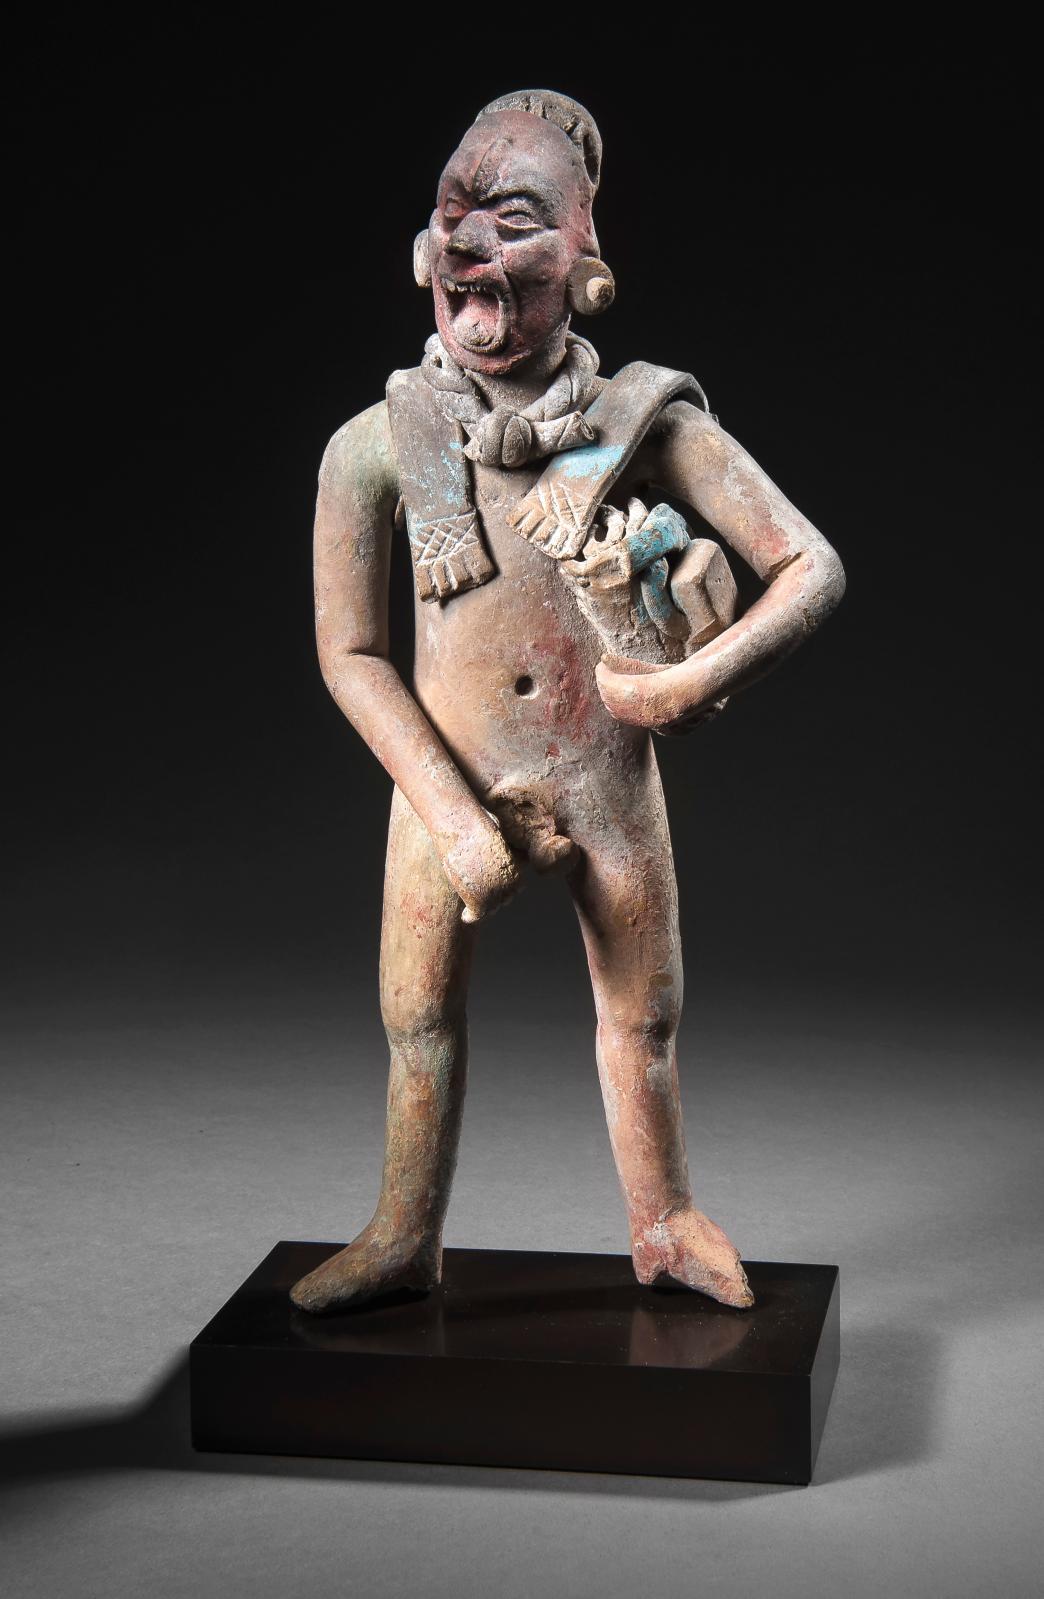 Culture maya, île de jaina, État de Campeche, Mexique, Classique récent, 600-900apr.J.-C. Personnage debout pratiquant un autosacrifice, céramique p